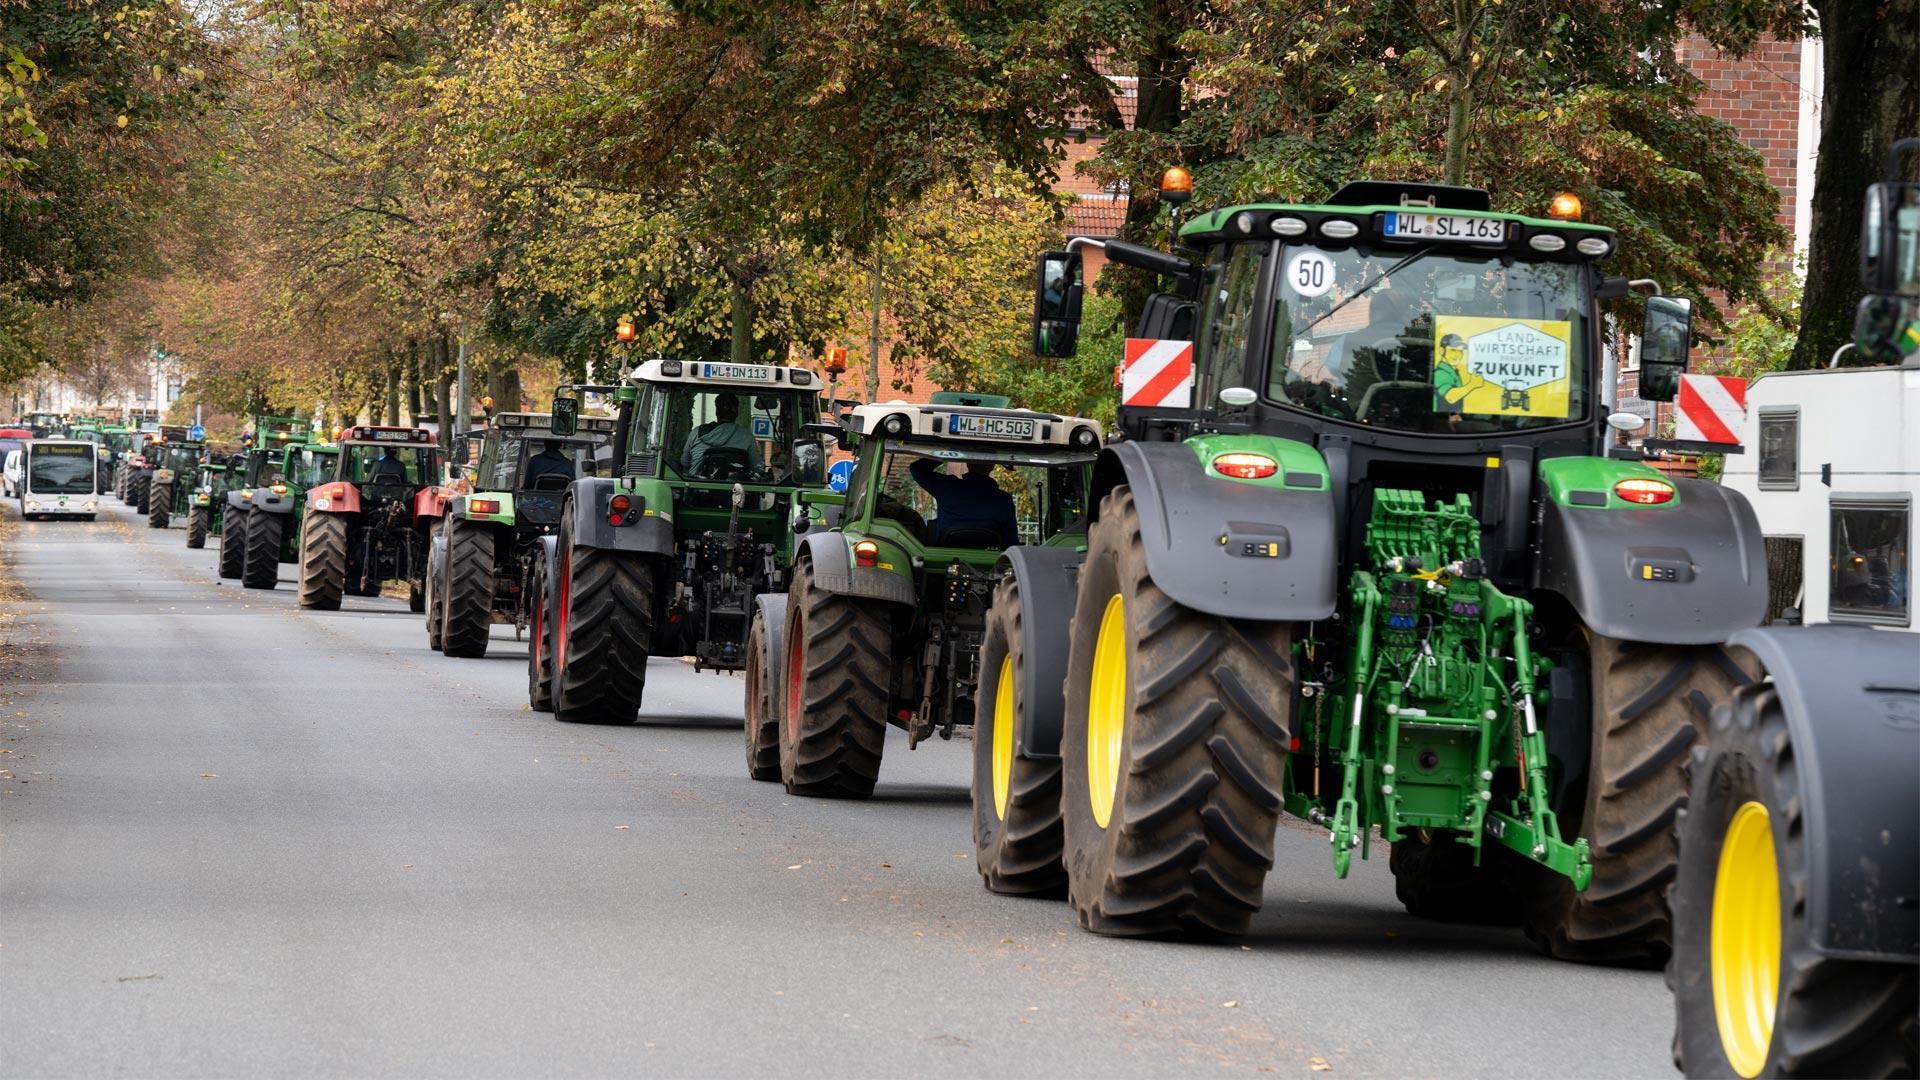 Traktoren auf der Straße bei den Bauernprotesten am 22. Oktober 2019